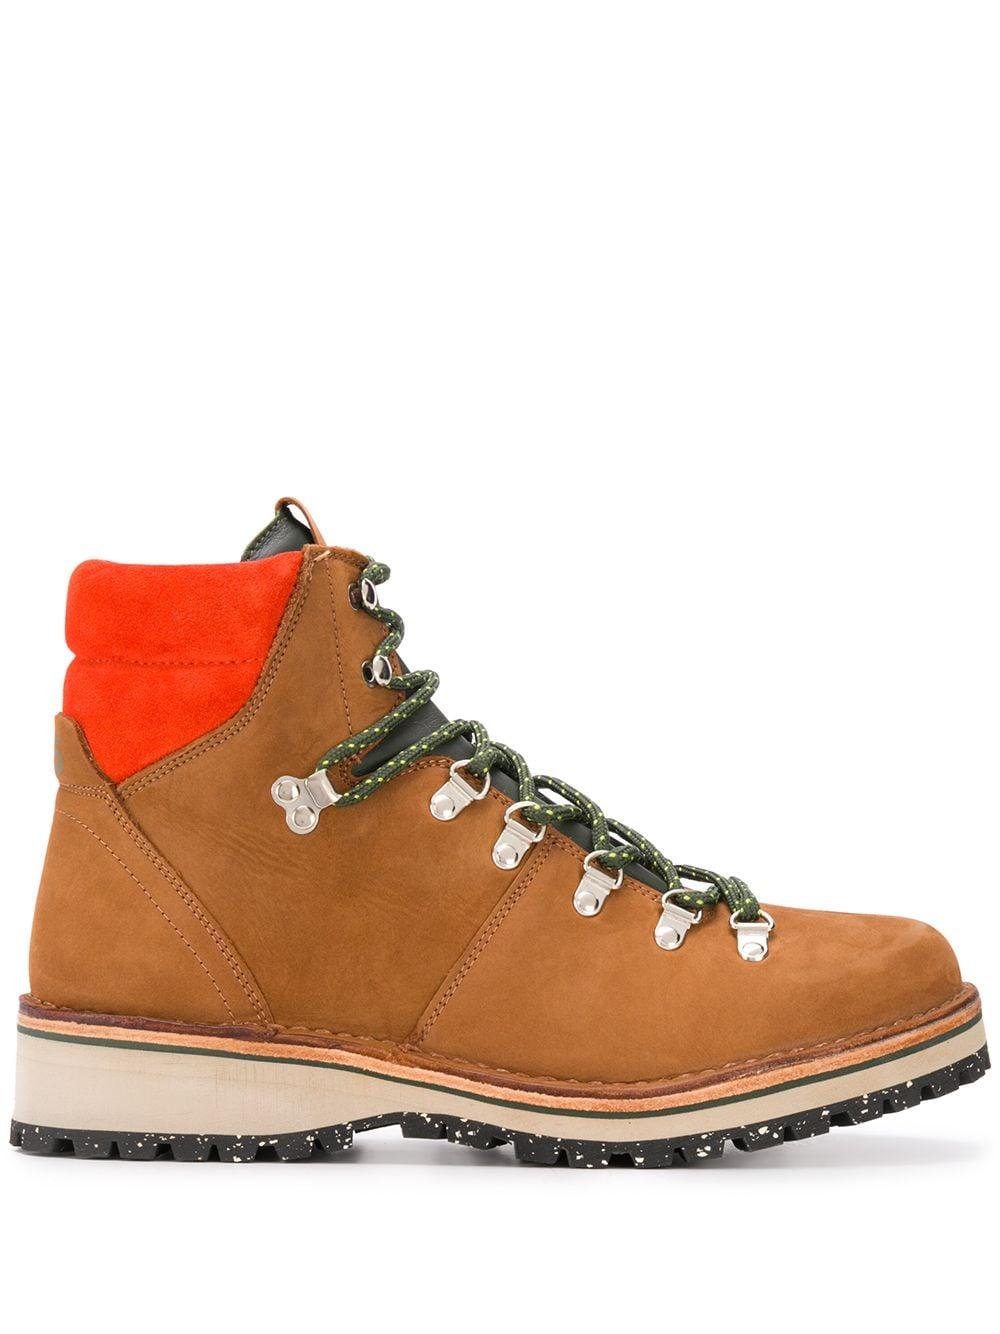 Ash Shoe